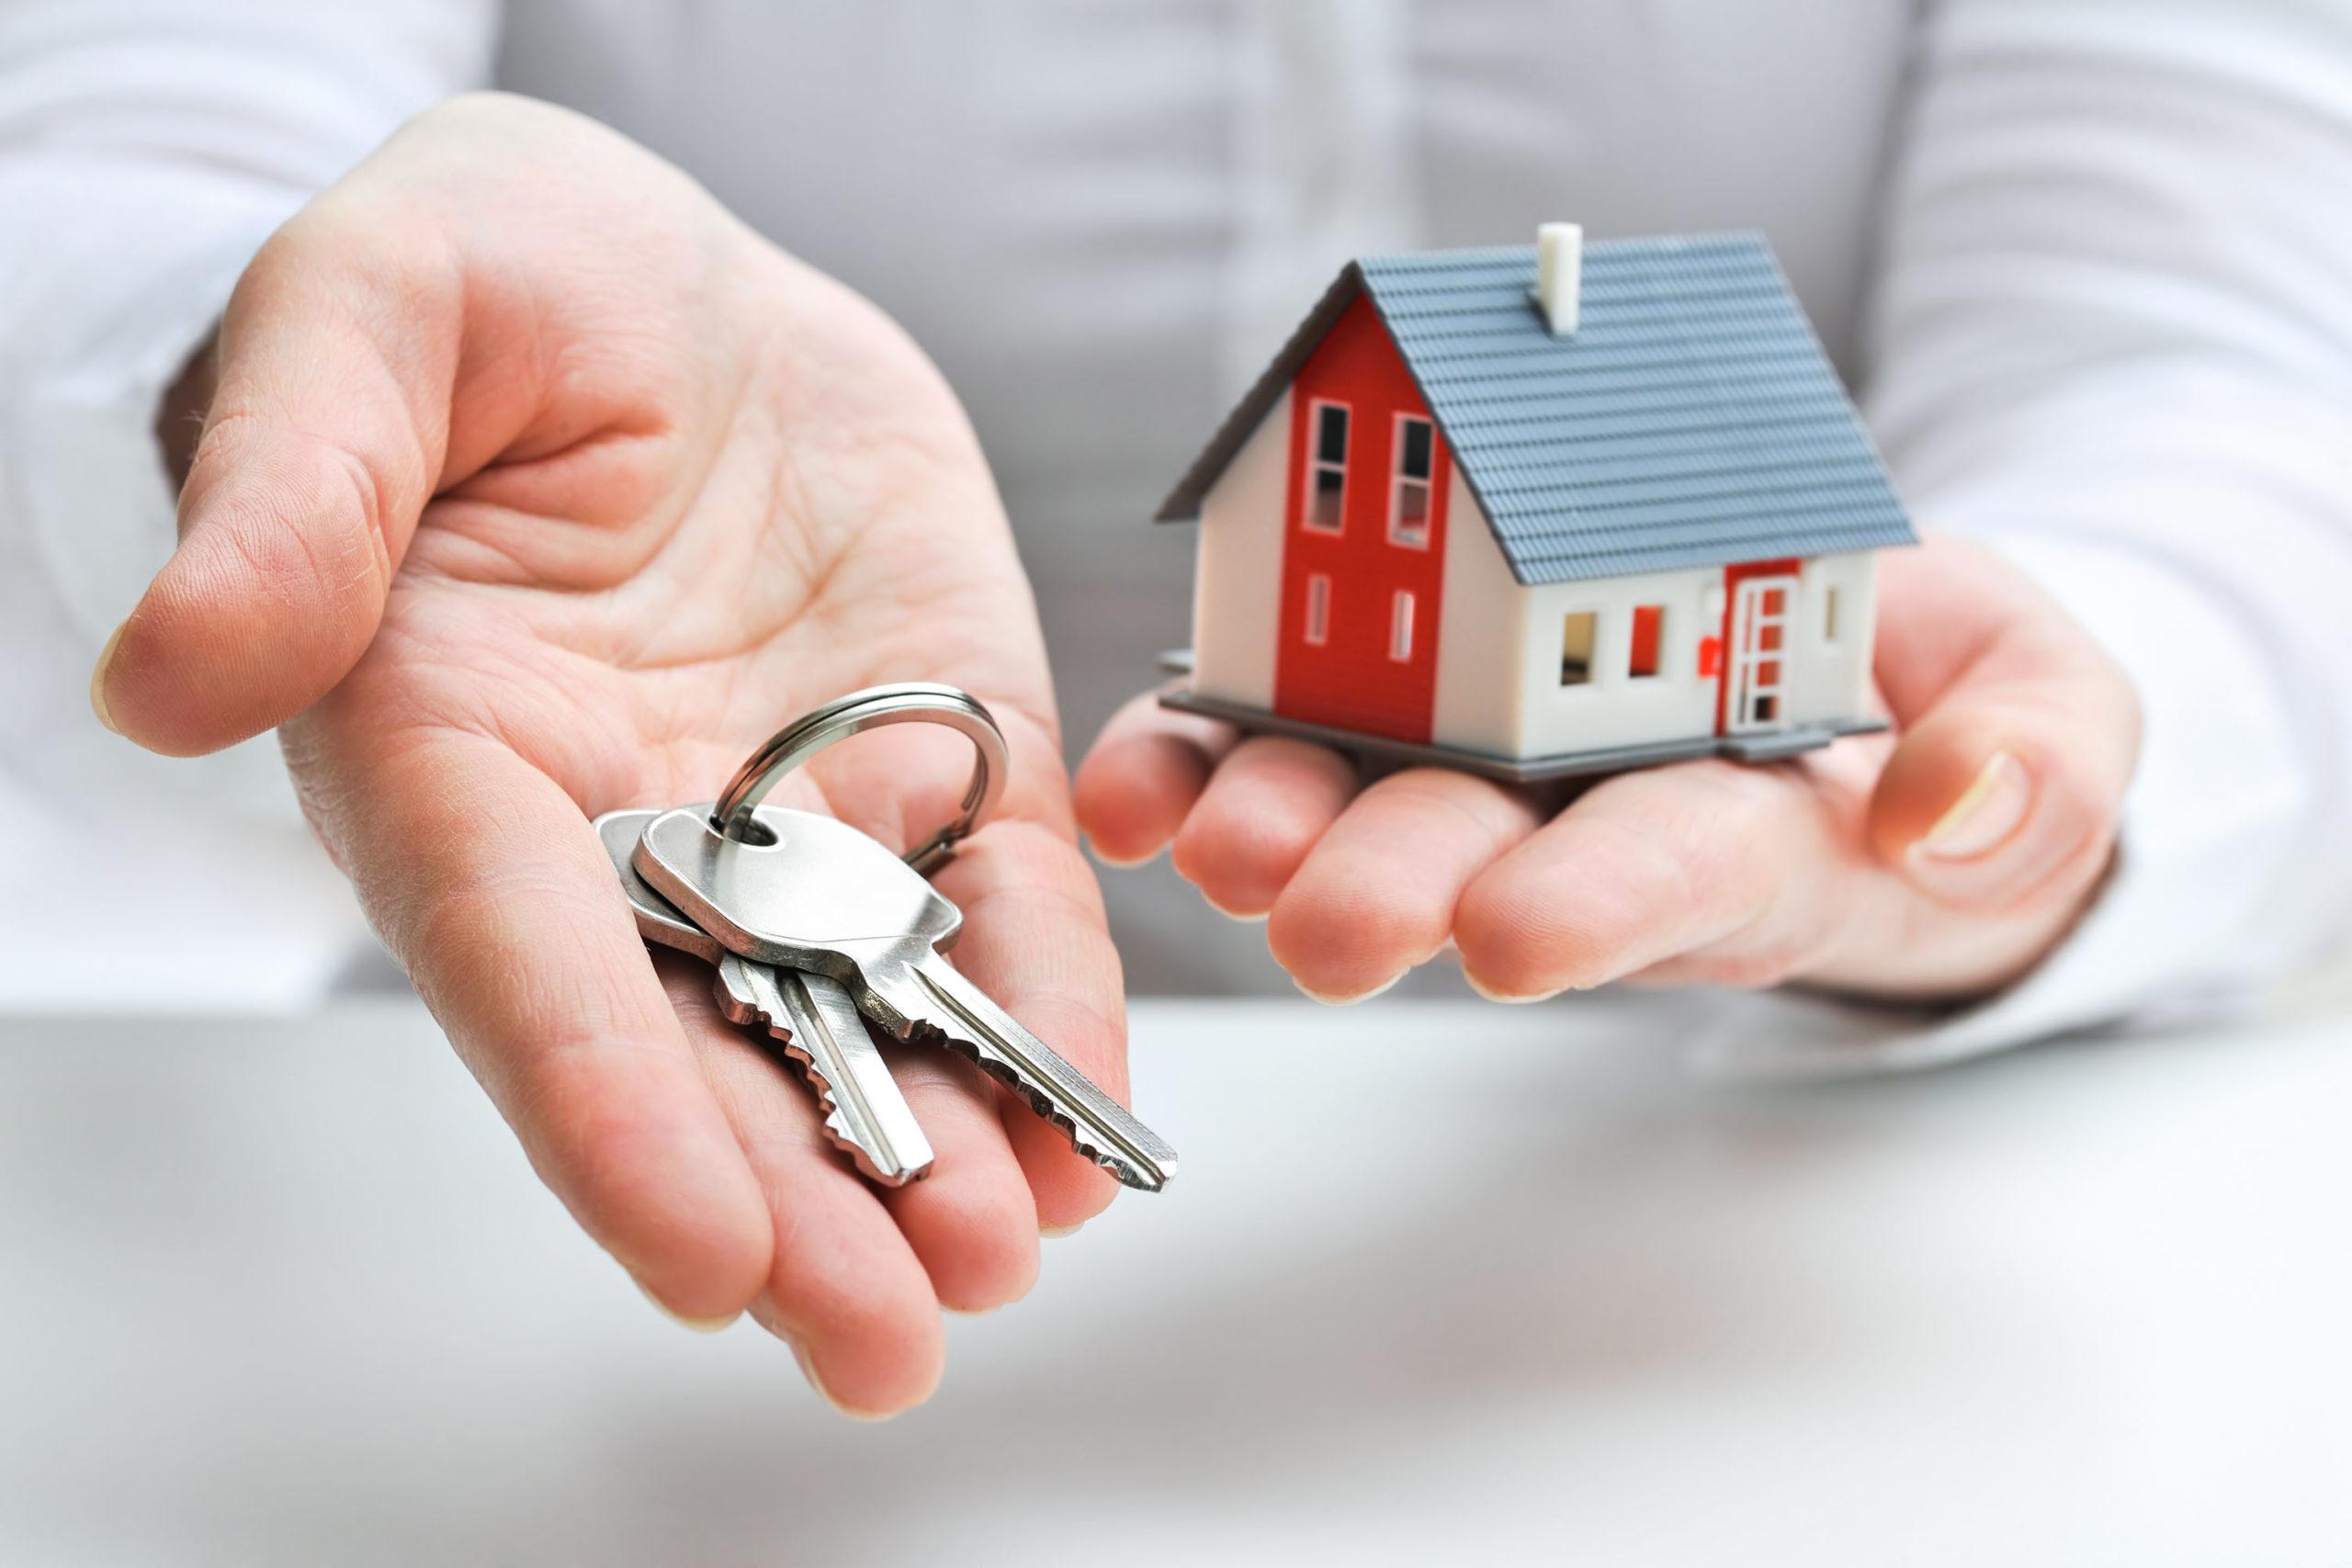 Compra de vivienda con PROPERTY BUYERS